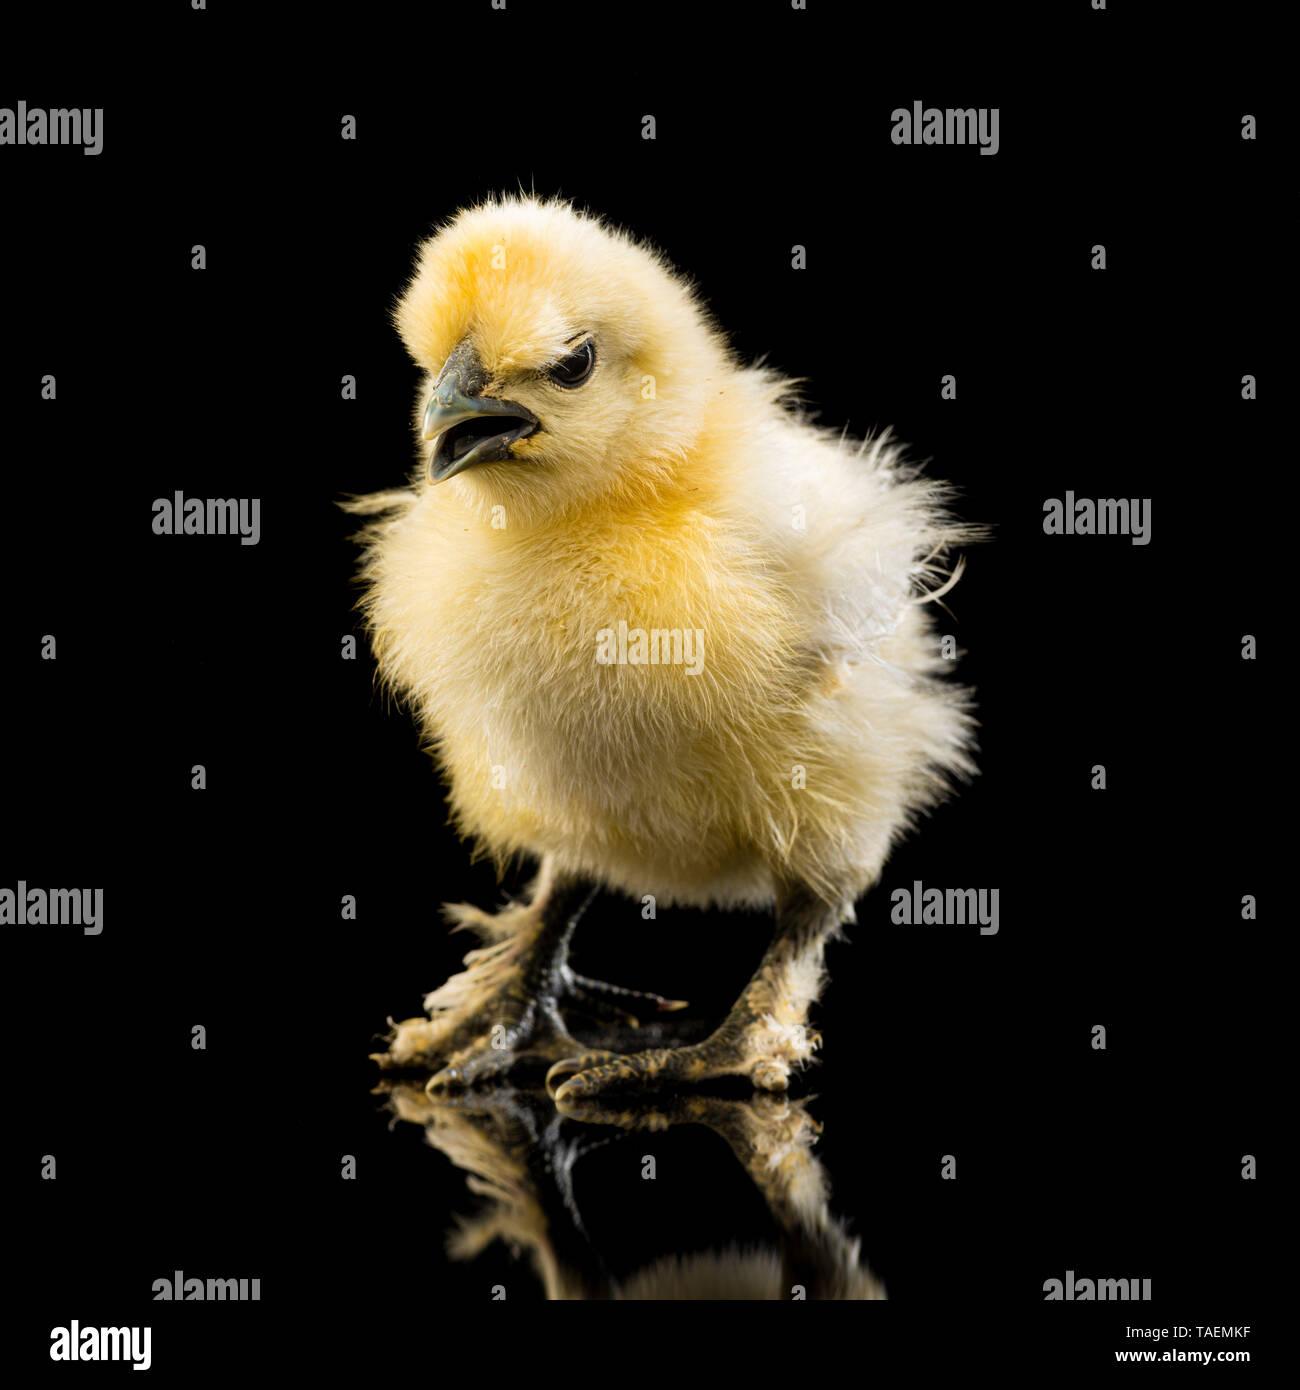 Chicken With Open Beak Stock Photos & Chicken With Open Beak